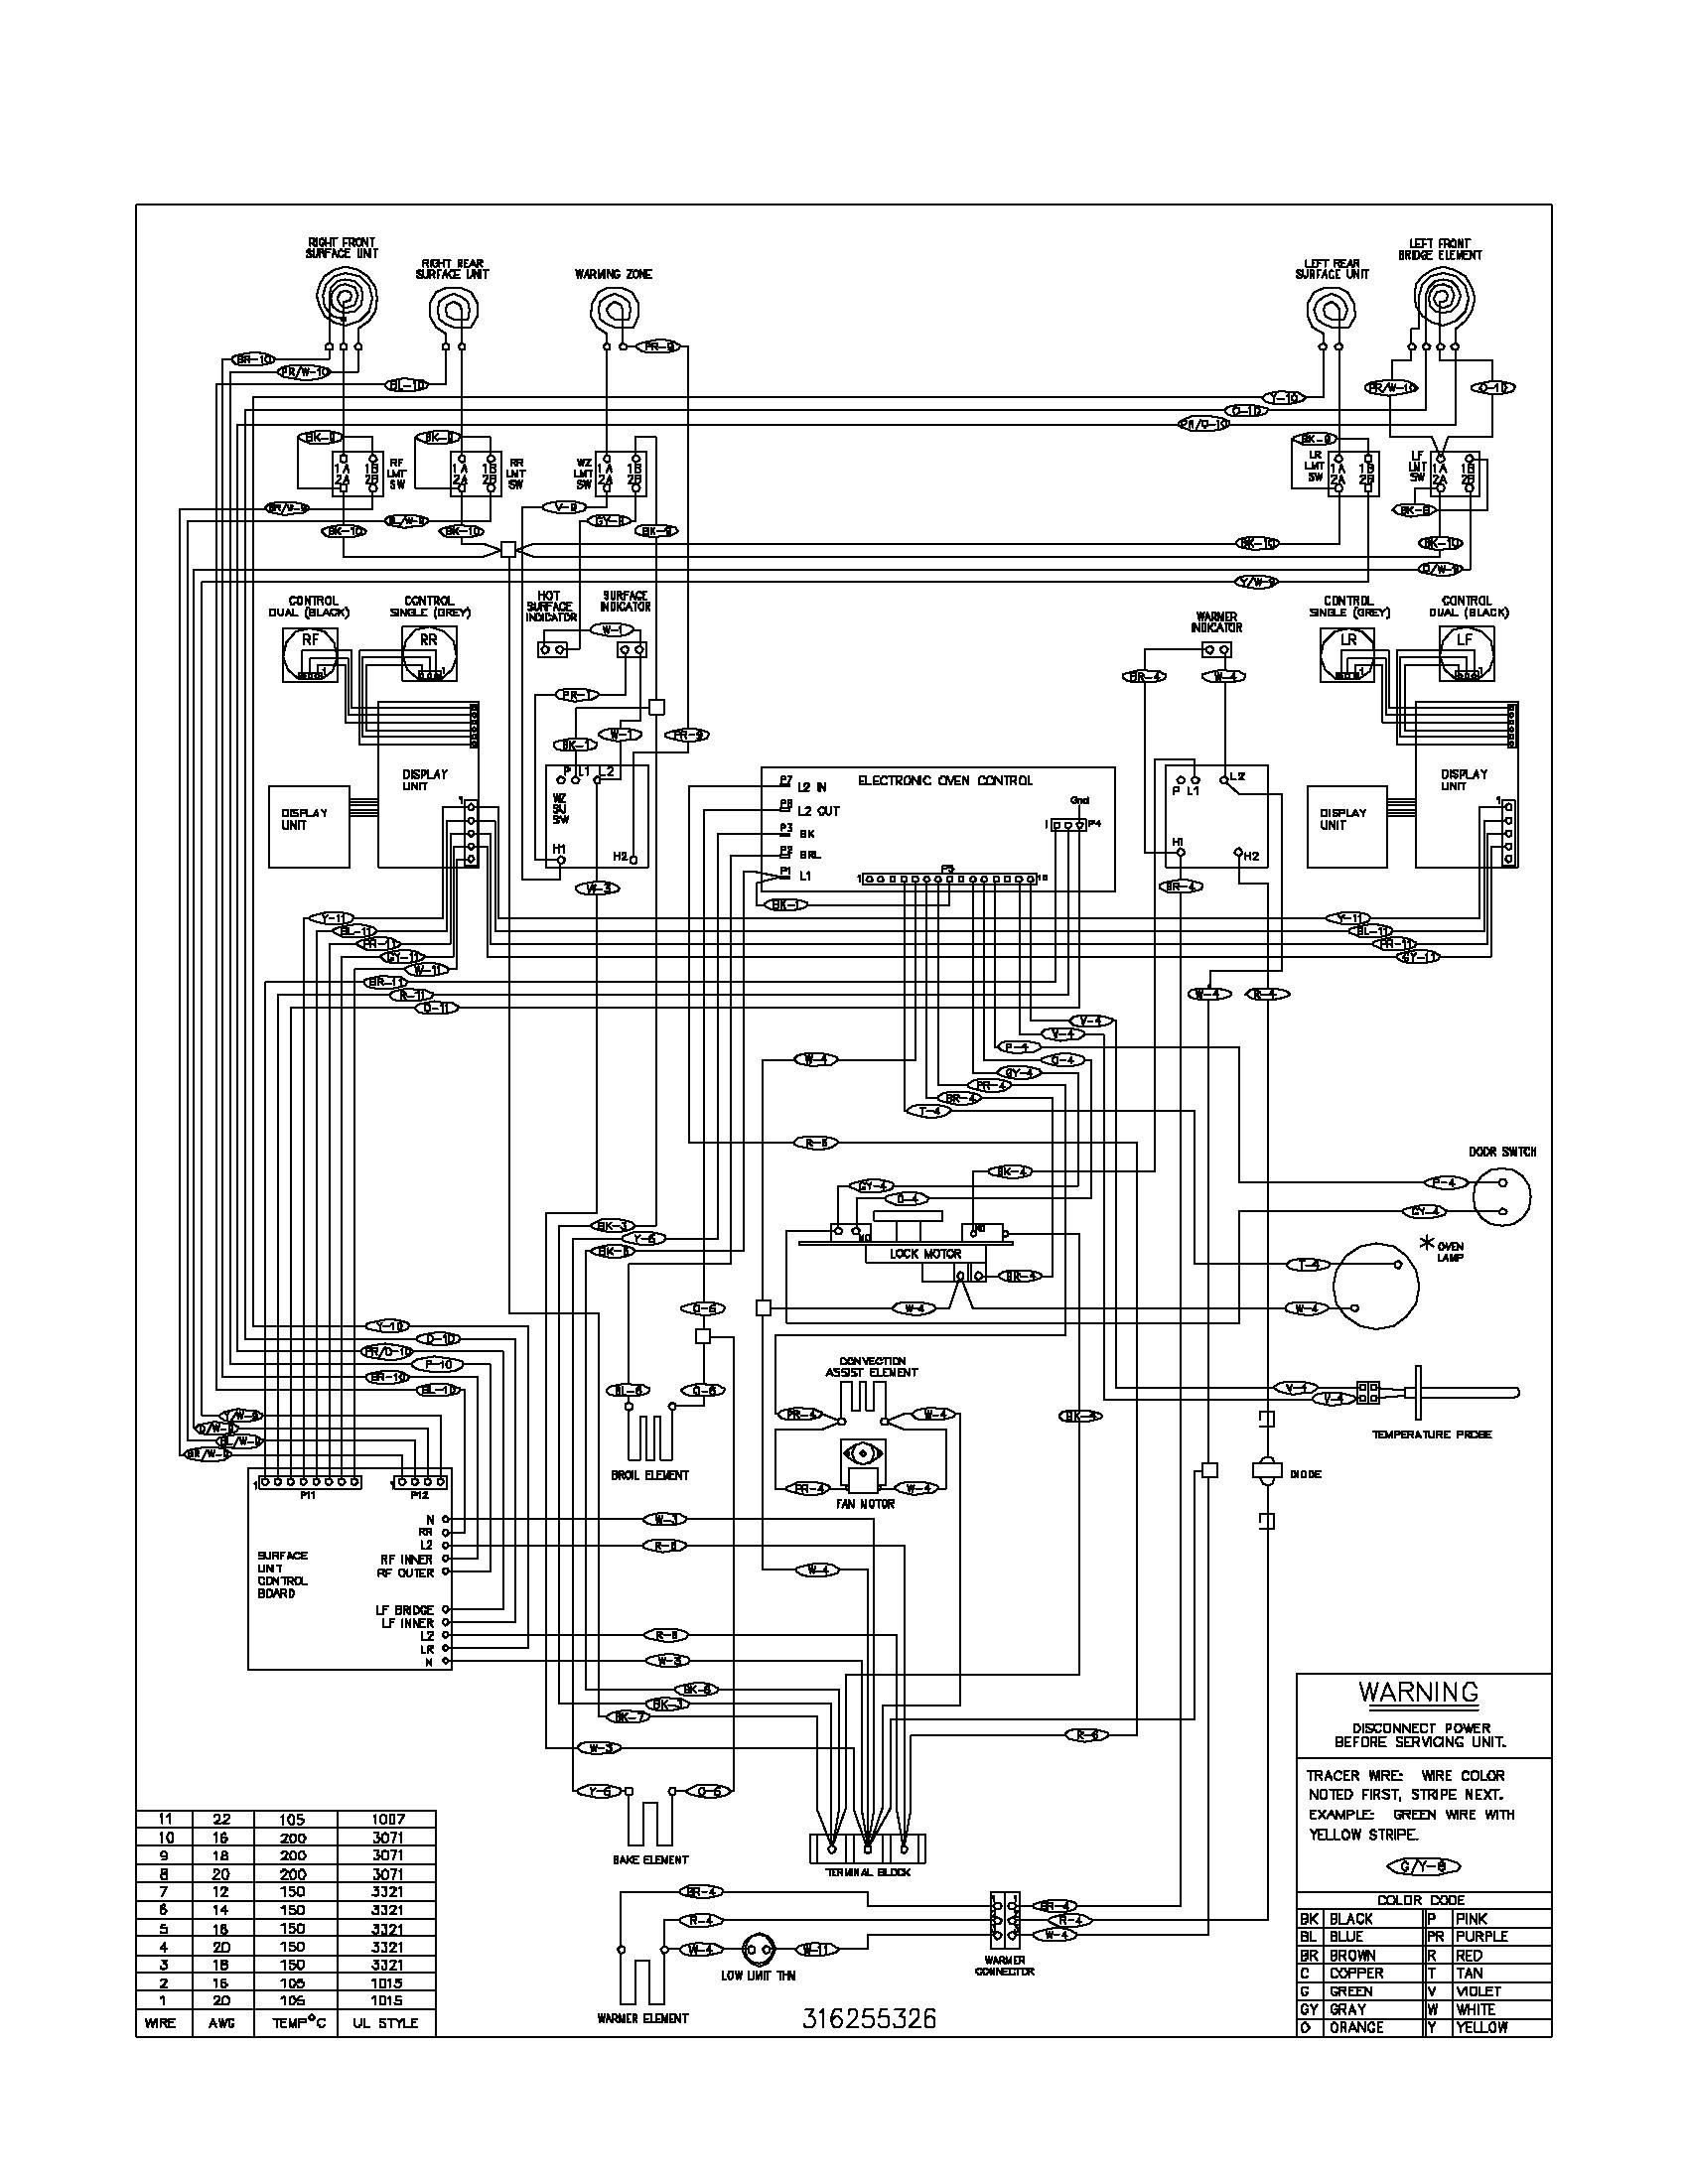 e2eb 015ha sequencer wiring diagram